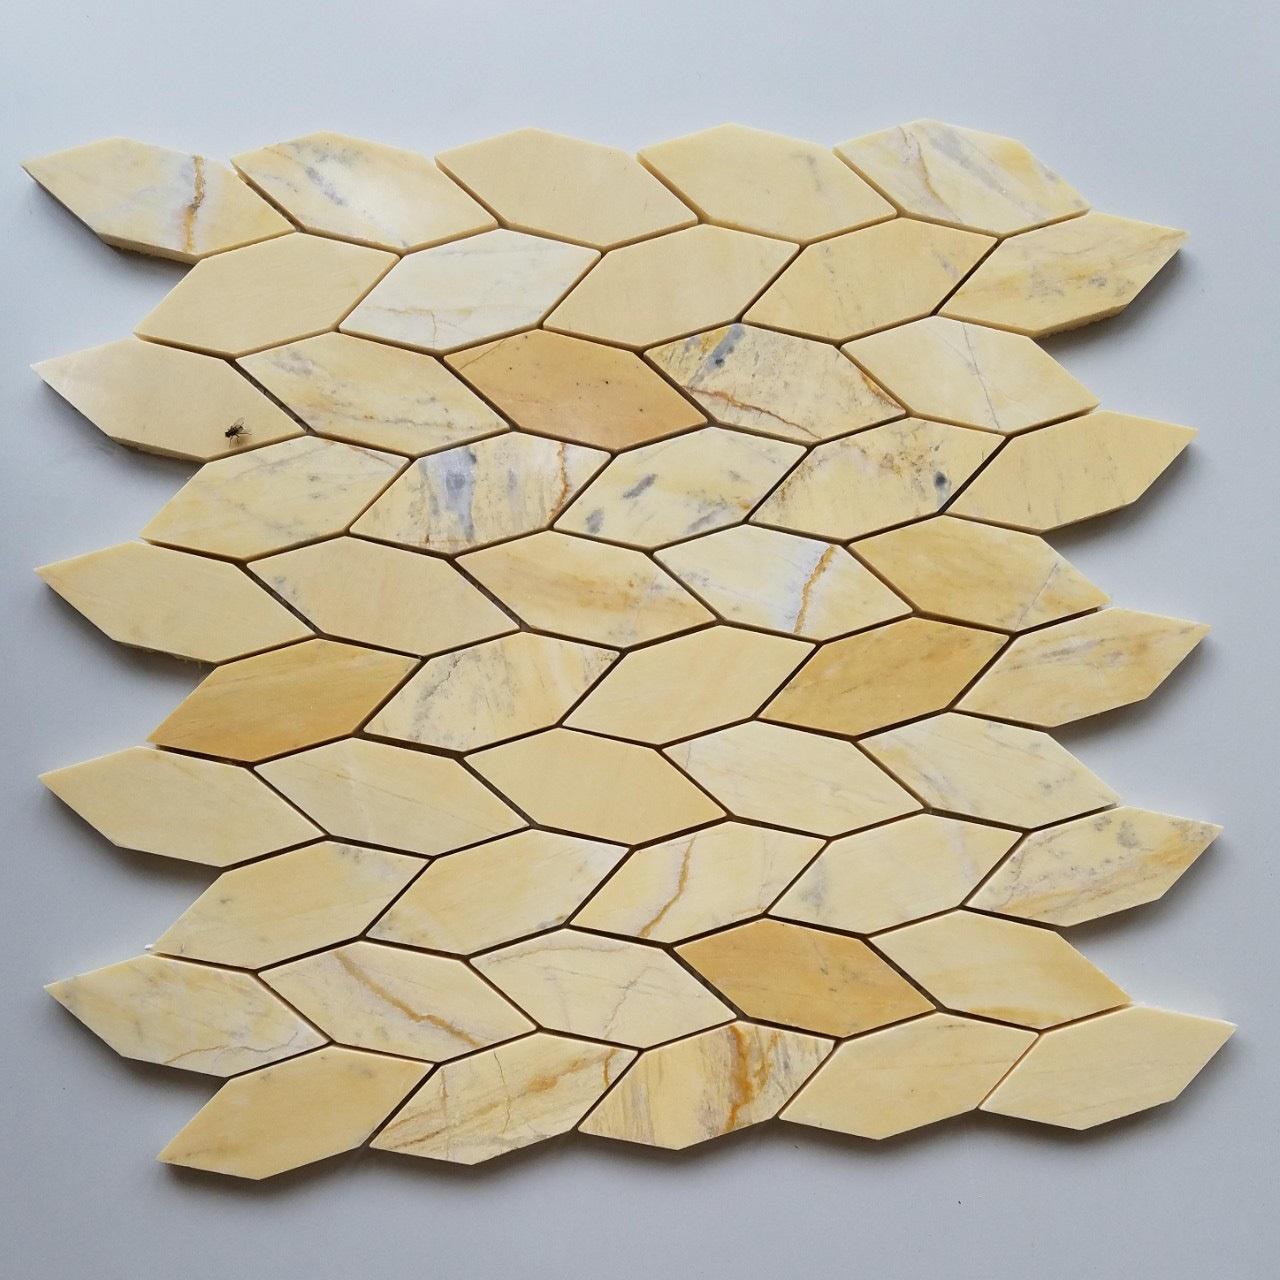 da mosaic da tu nhien marble mau vang